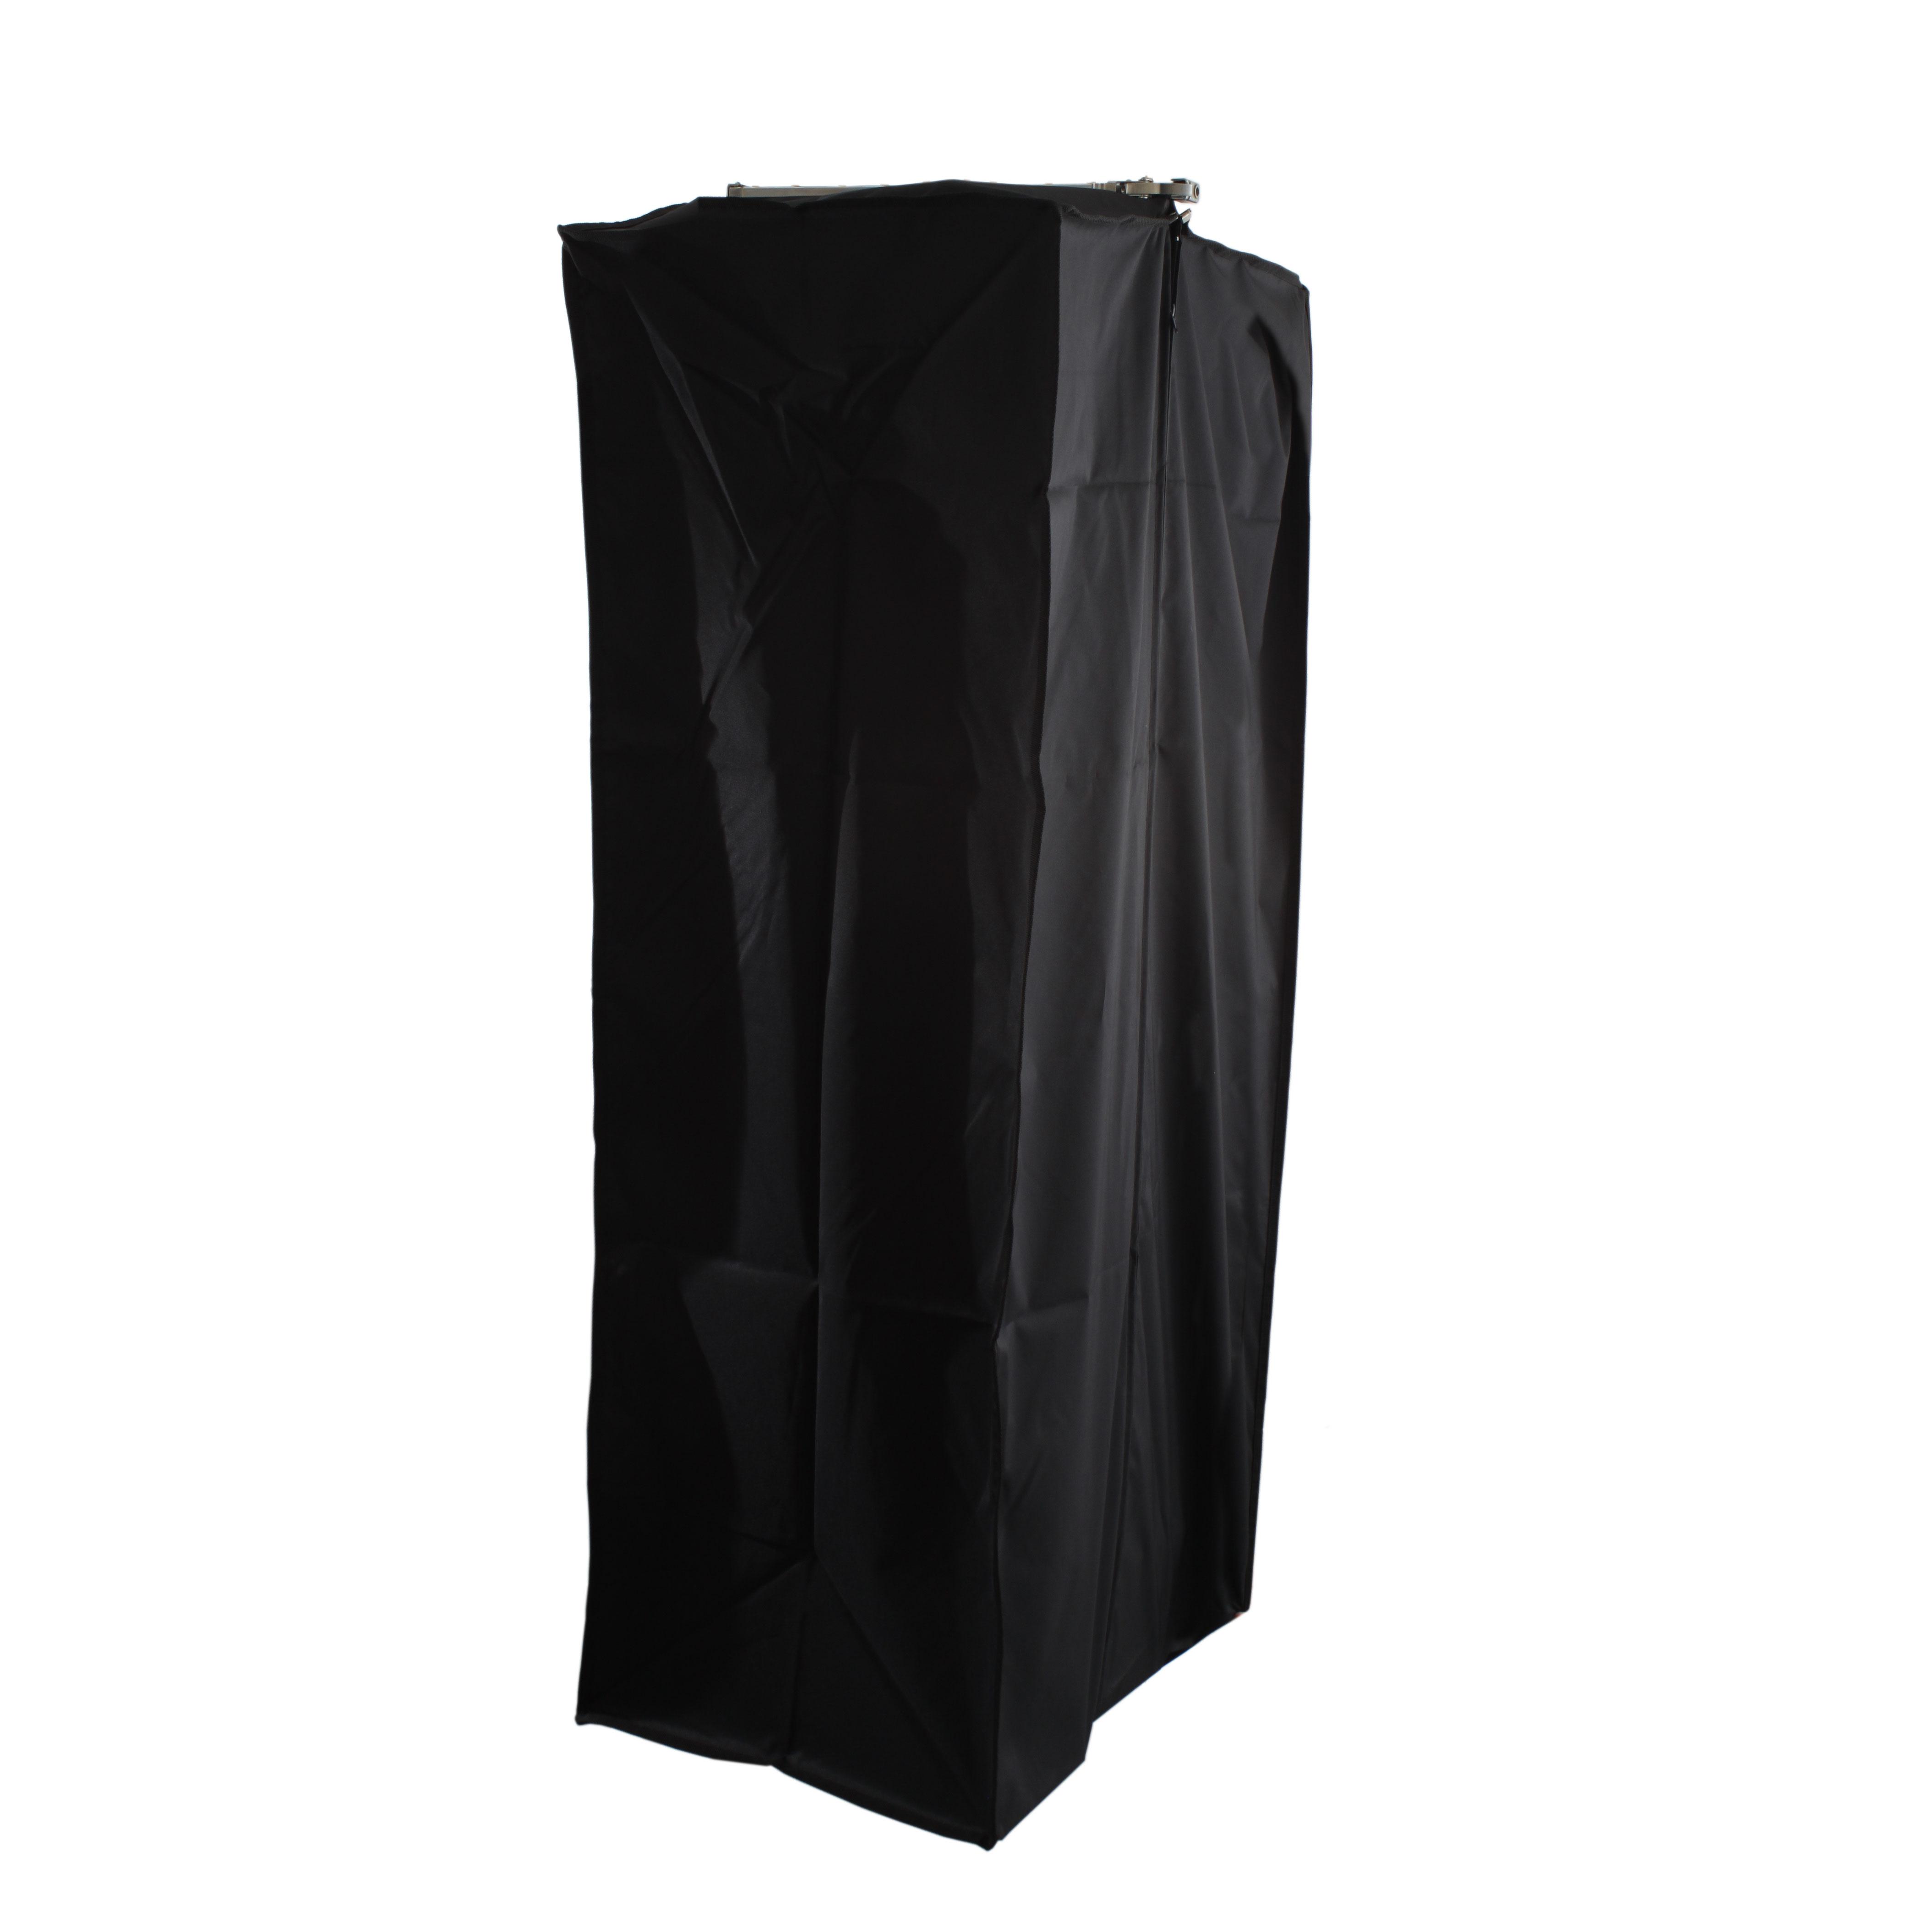 Kollektionssack mit Klemmschiene 120cm